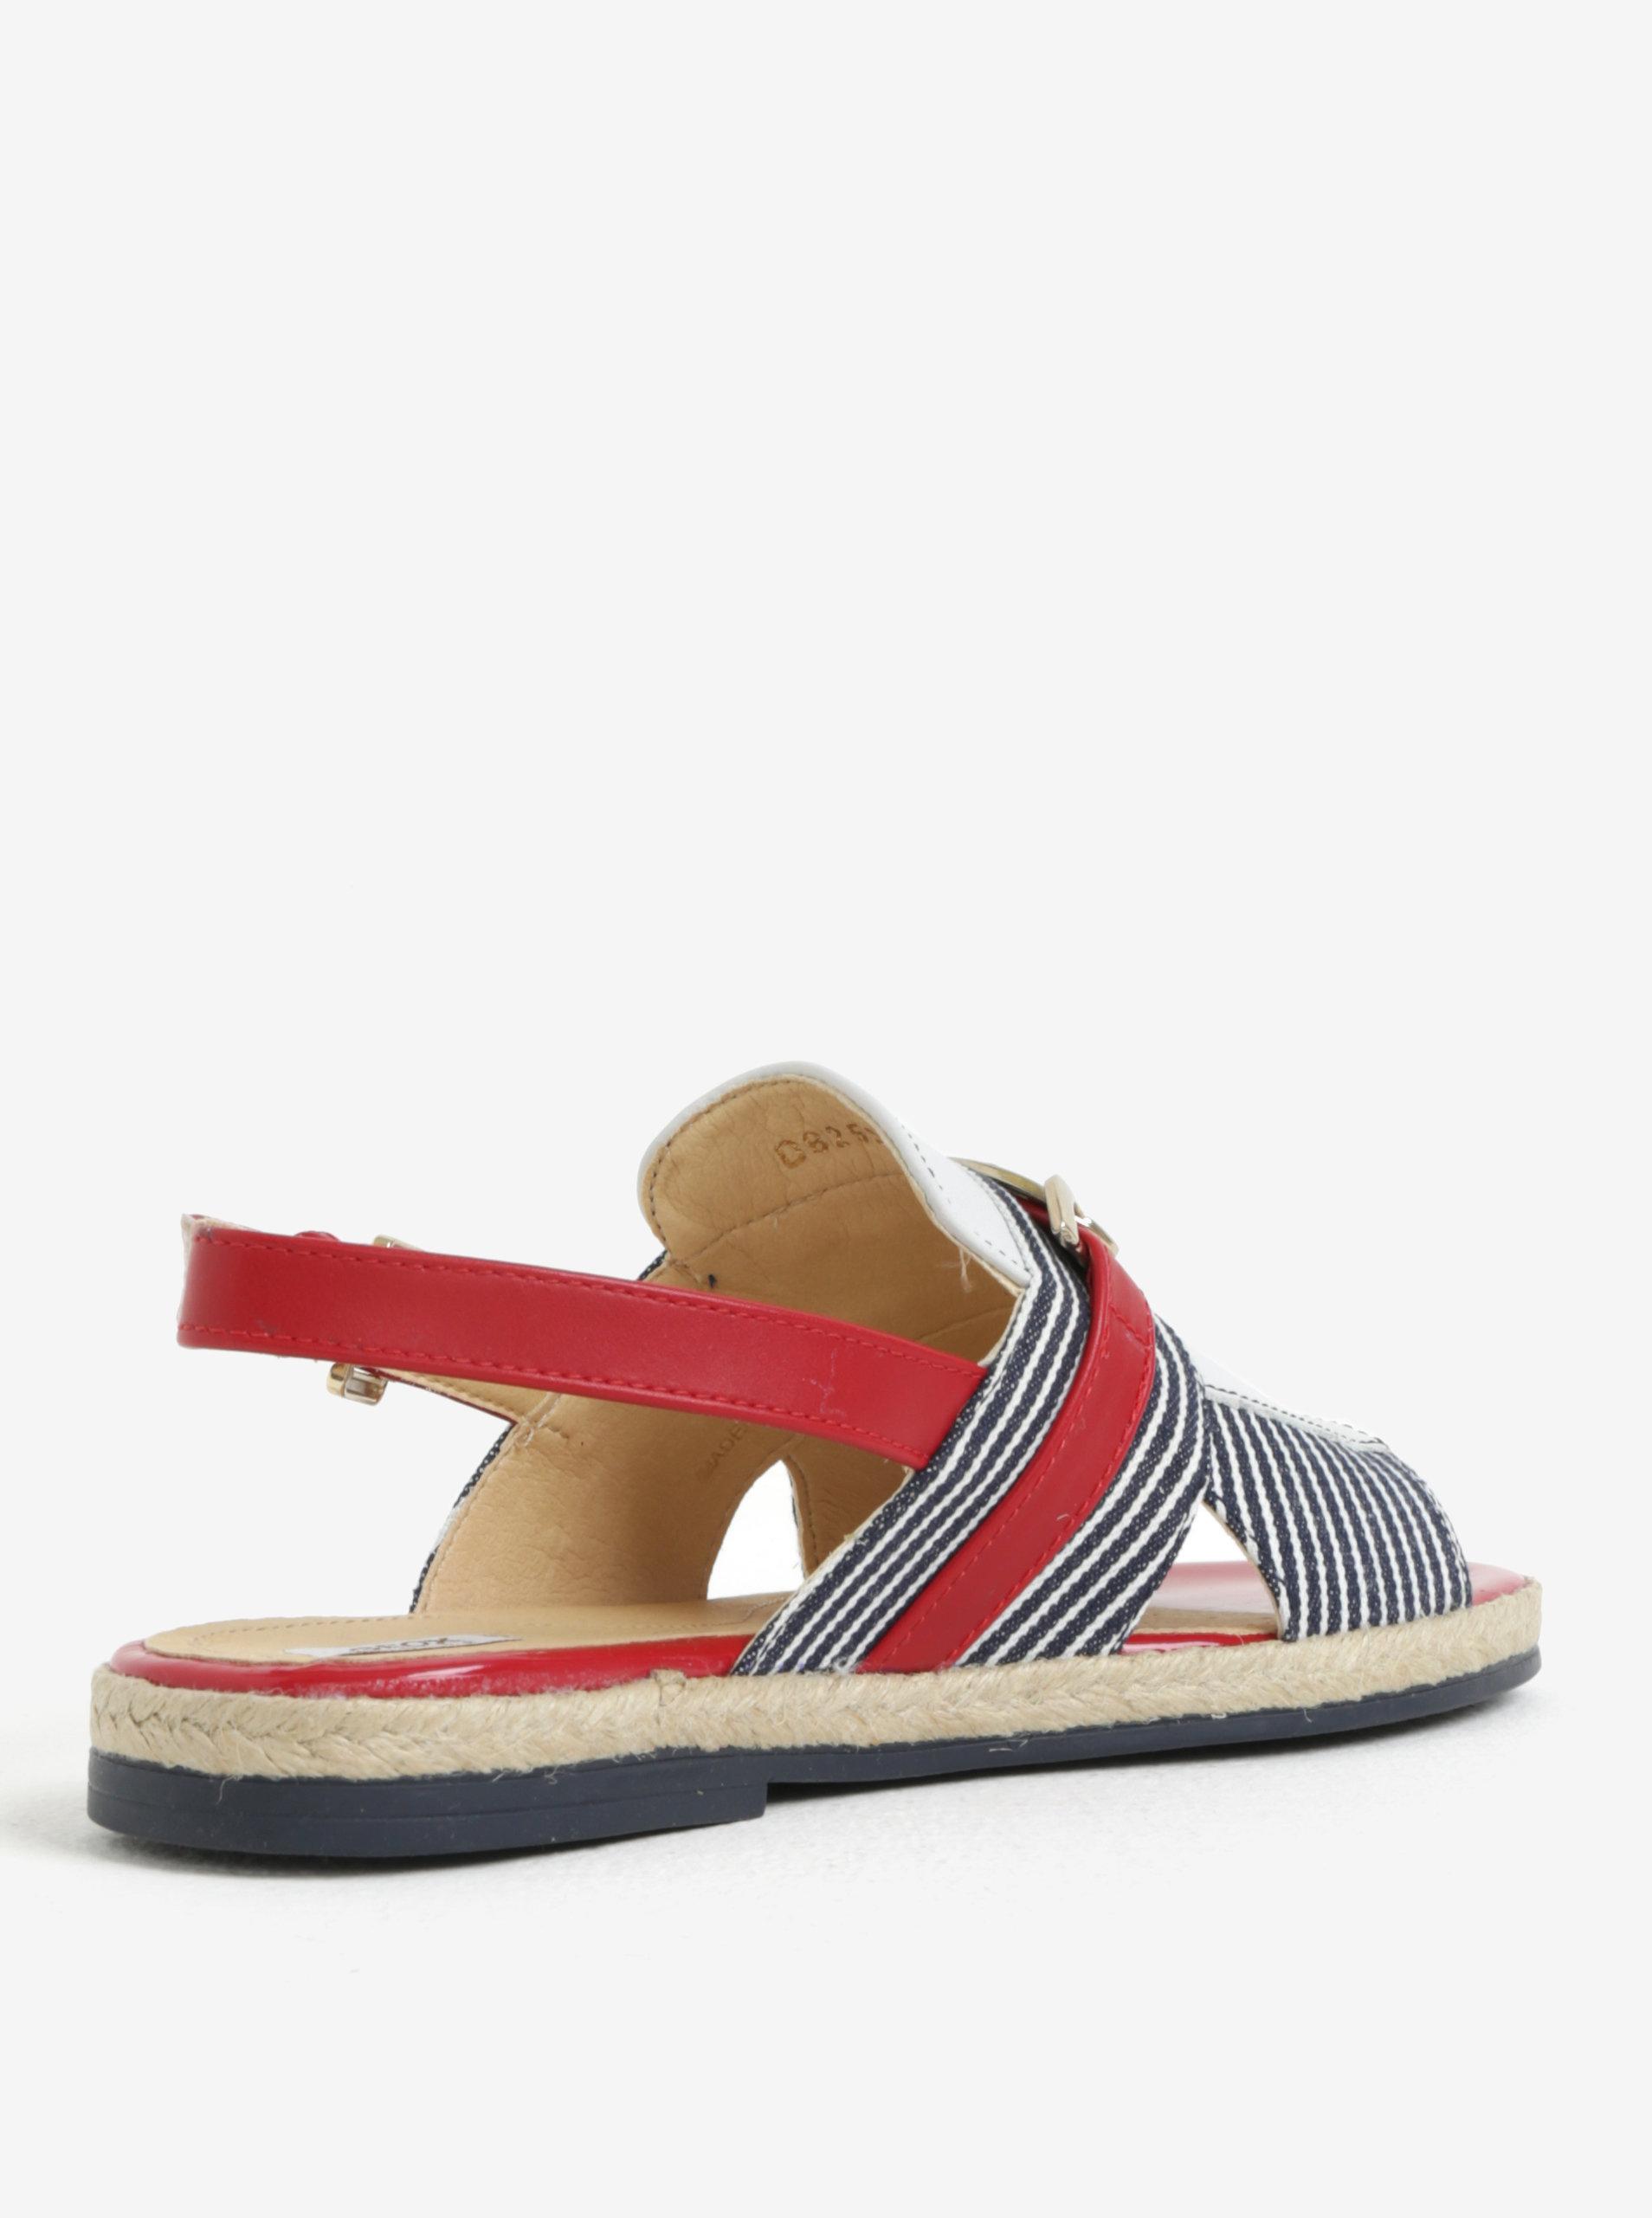 Červeno-modré dámské sandály Geox Mary Kolleen ... ec0d2a99d1